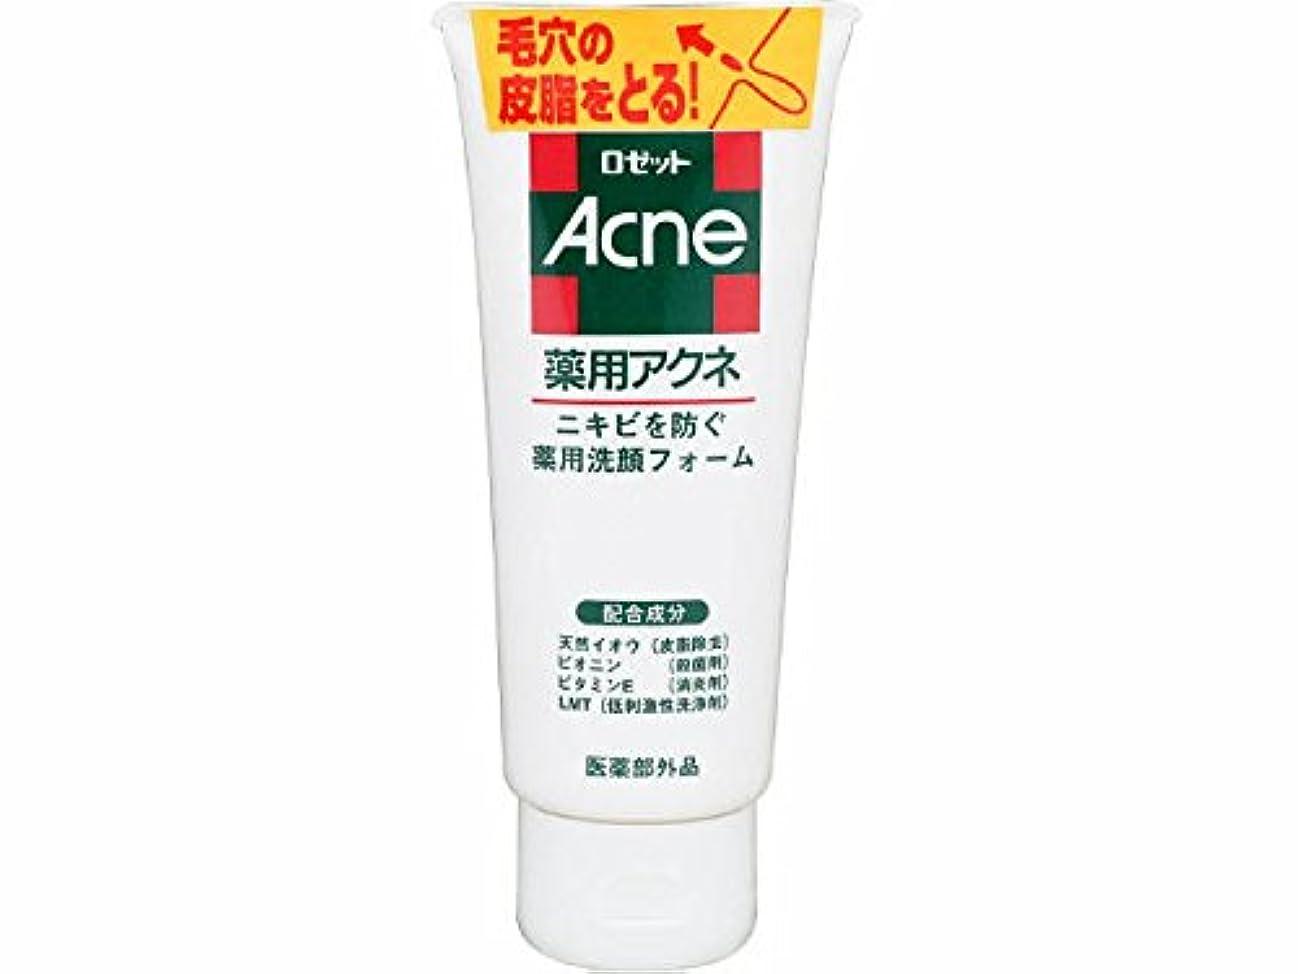 演じるベーシック影響力のあるロゼット 薬用アクネ 洗顔フォーム 130g 医薬部外品 ニキビを防ぐ洗顔フォーム×48点セット (4901696105115)